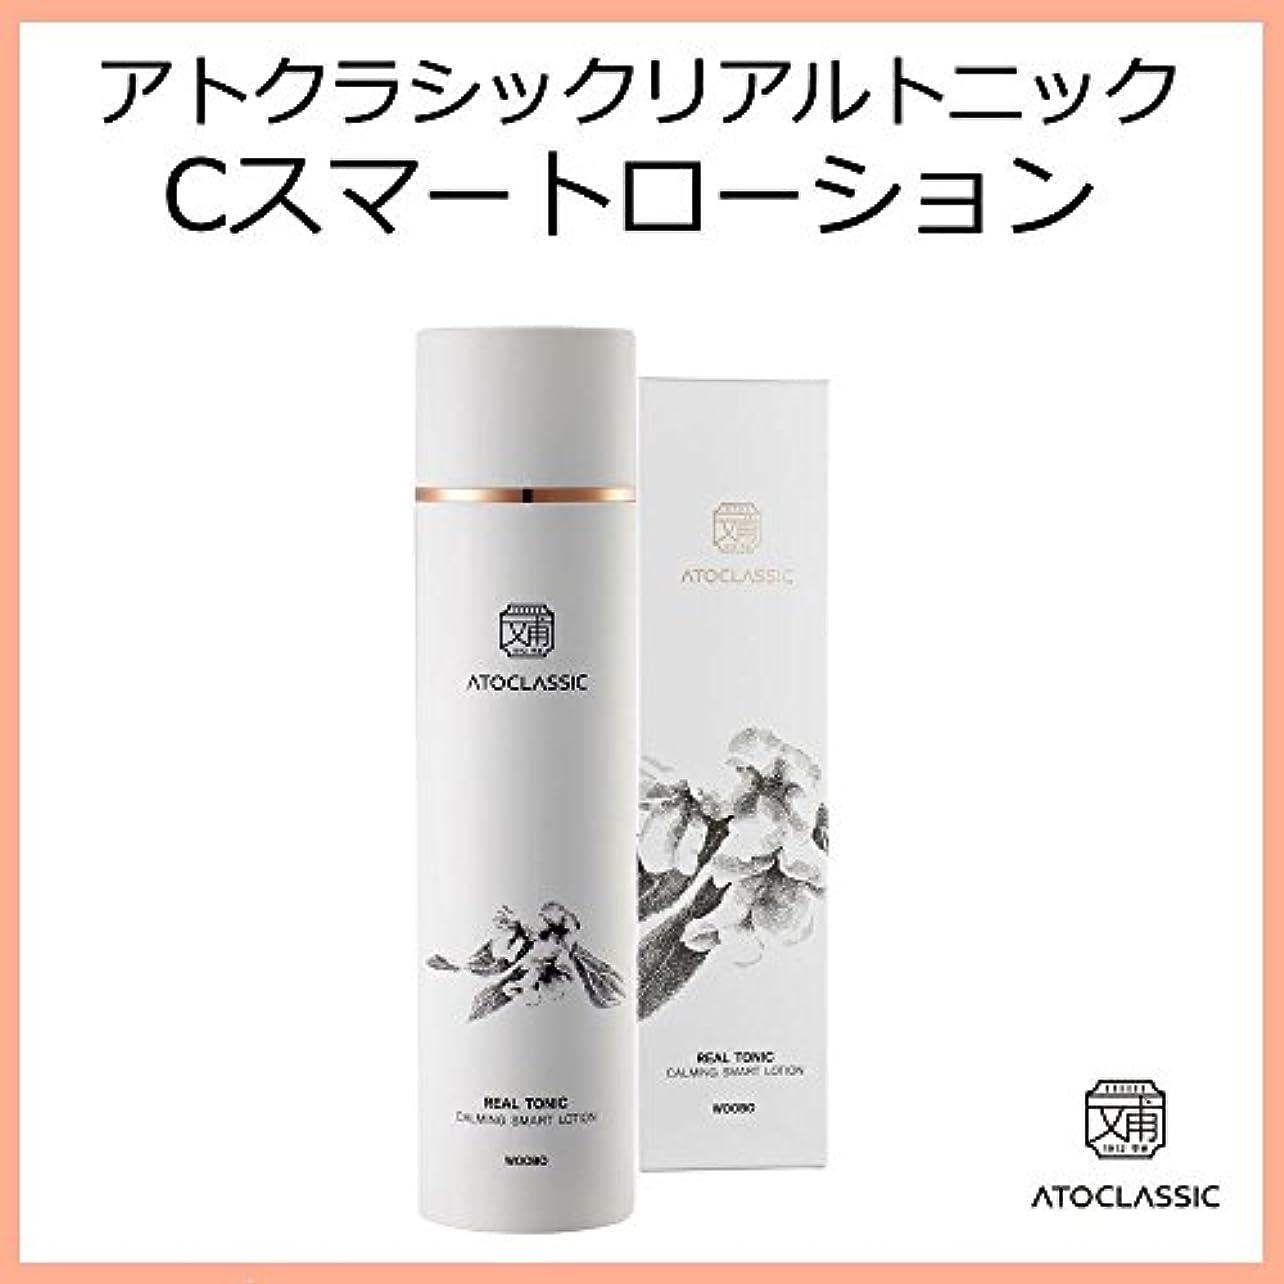 王族キリスト教確かな韓国コスメ ATOCLASSIC アトクラシックリアルトニック Cスマートローション(Calming Smart Lotion) 200ml